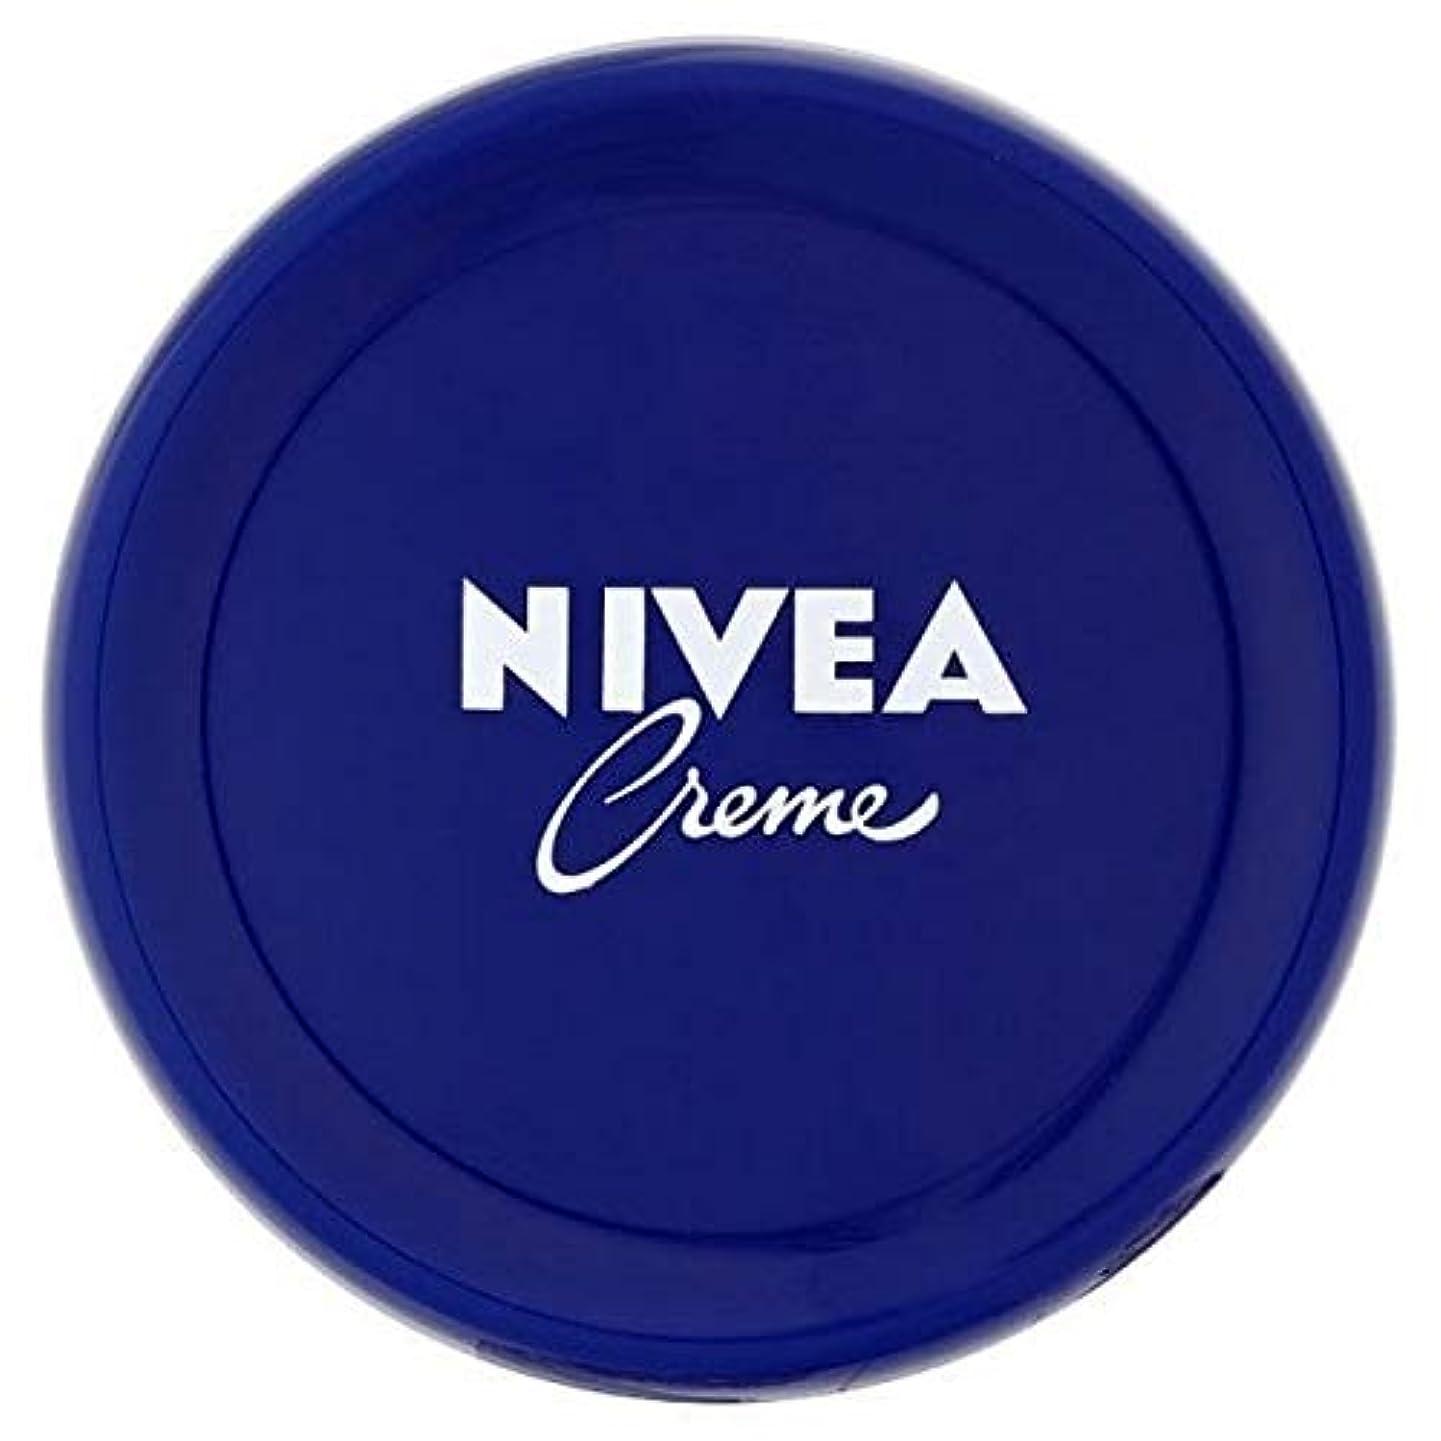 スイス人犬練習[Nivea ] ニベアクリーム万能ボディクリーム、200ミリリットル - NIVEA Creme All Purpose Body Cream, 200ml [並行輸入品]